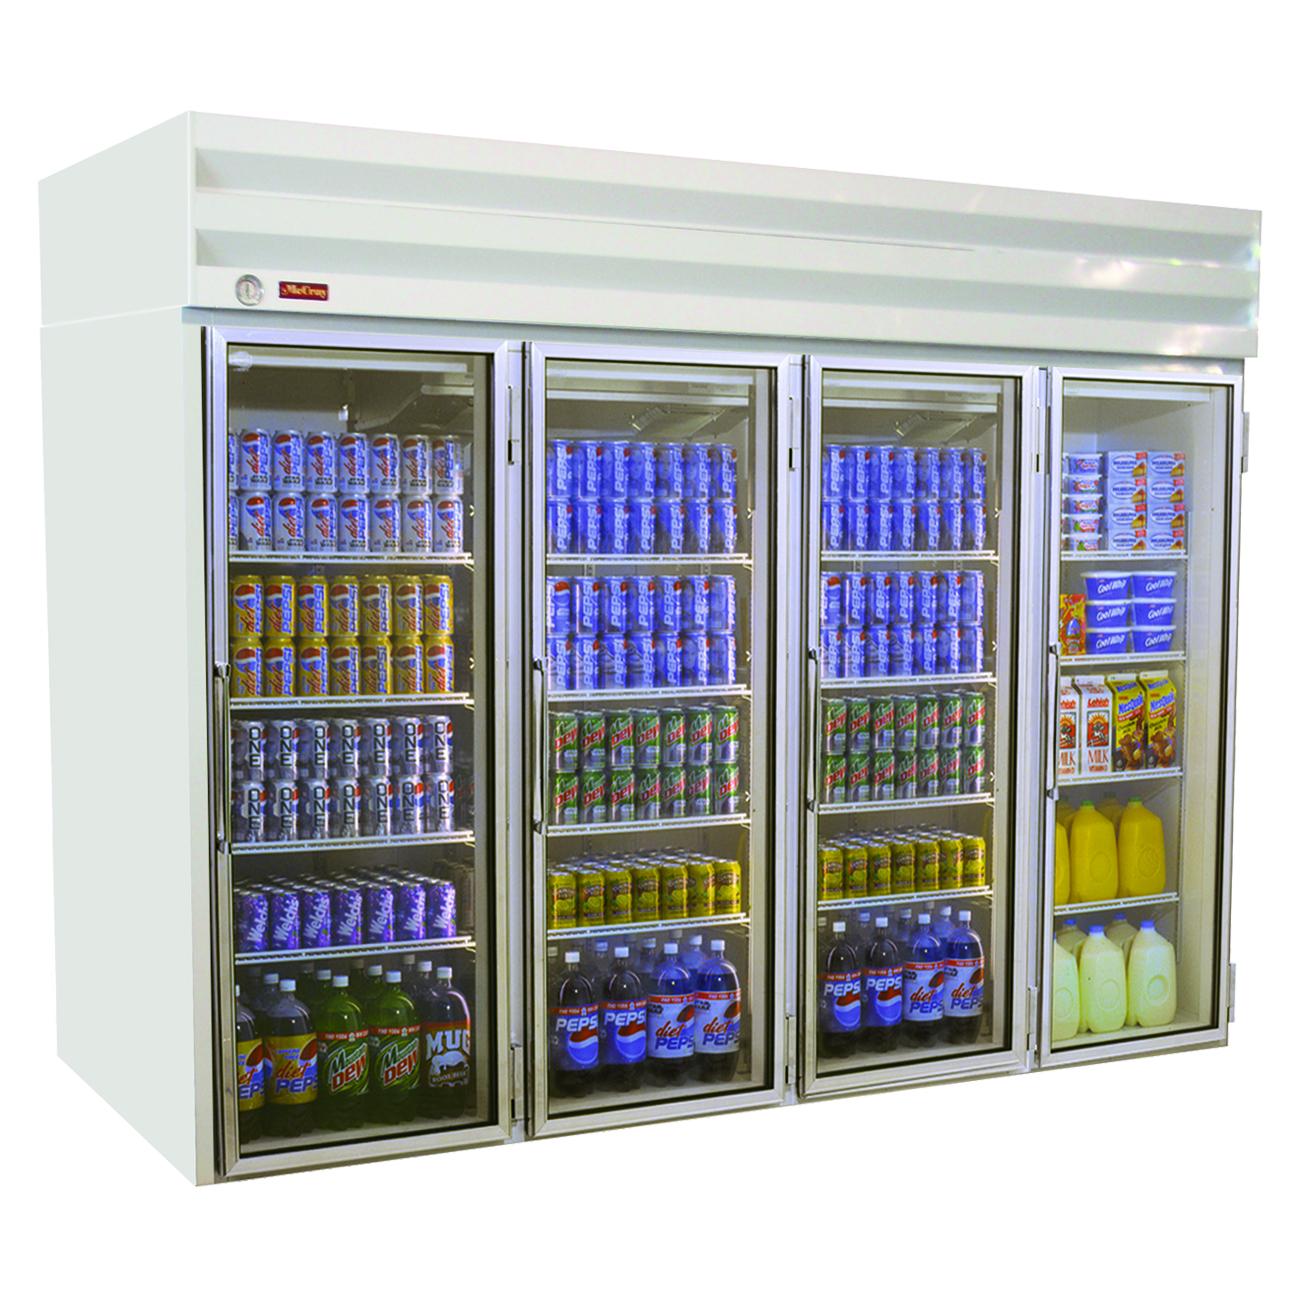 Howard-McCray GF102-FF freezer, merchandiser